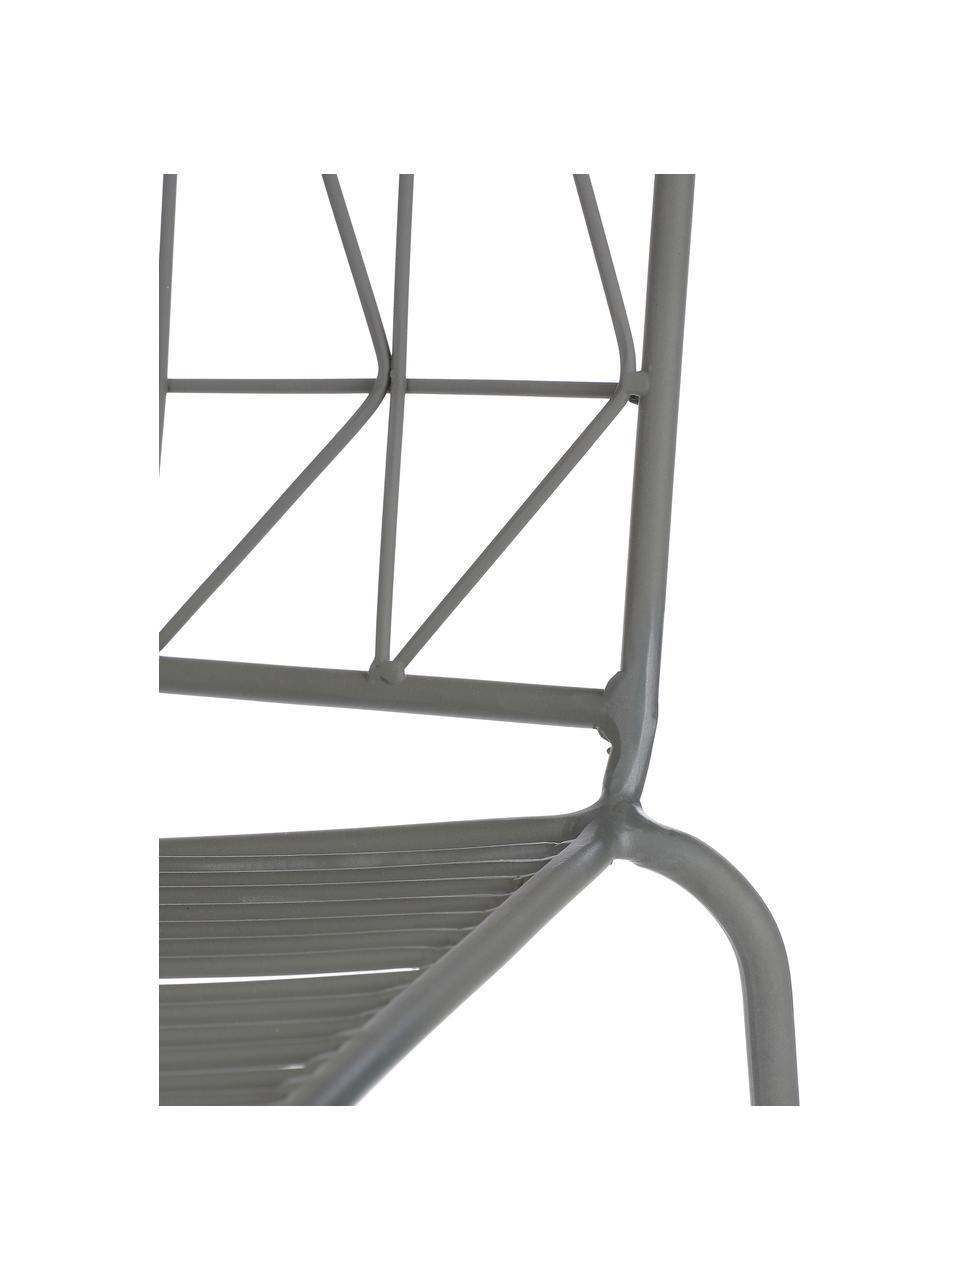 Grijze balkonstoel Bueno, Gecoat metaal, Grijs, 55 x 77 cm